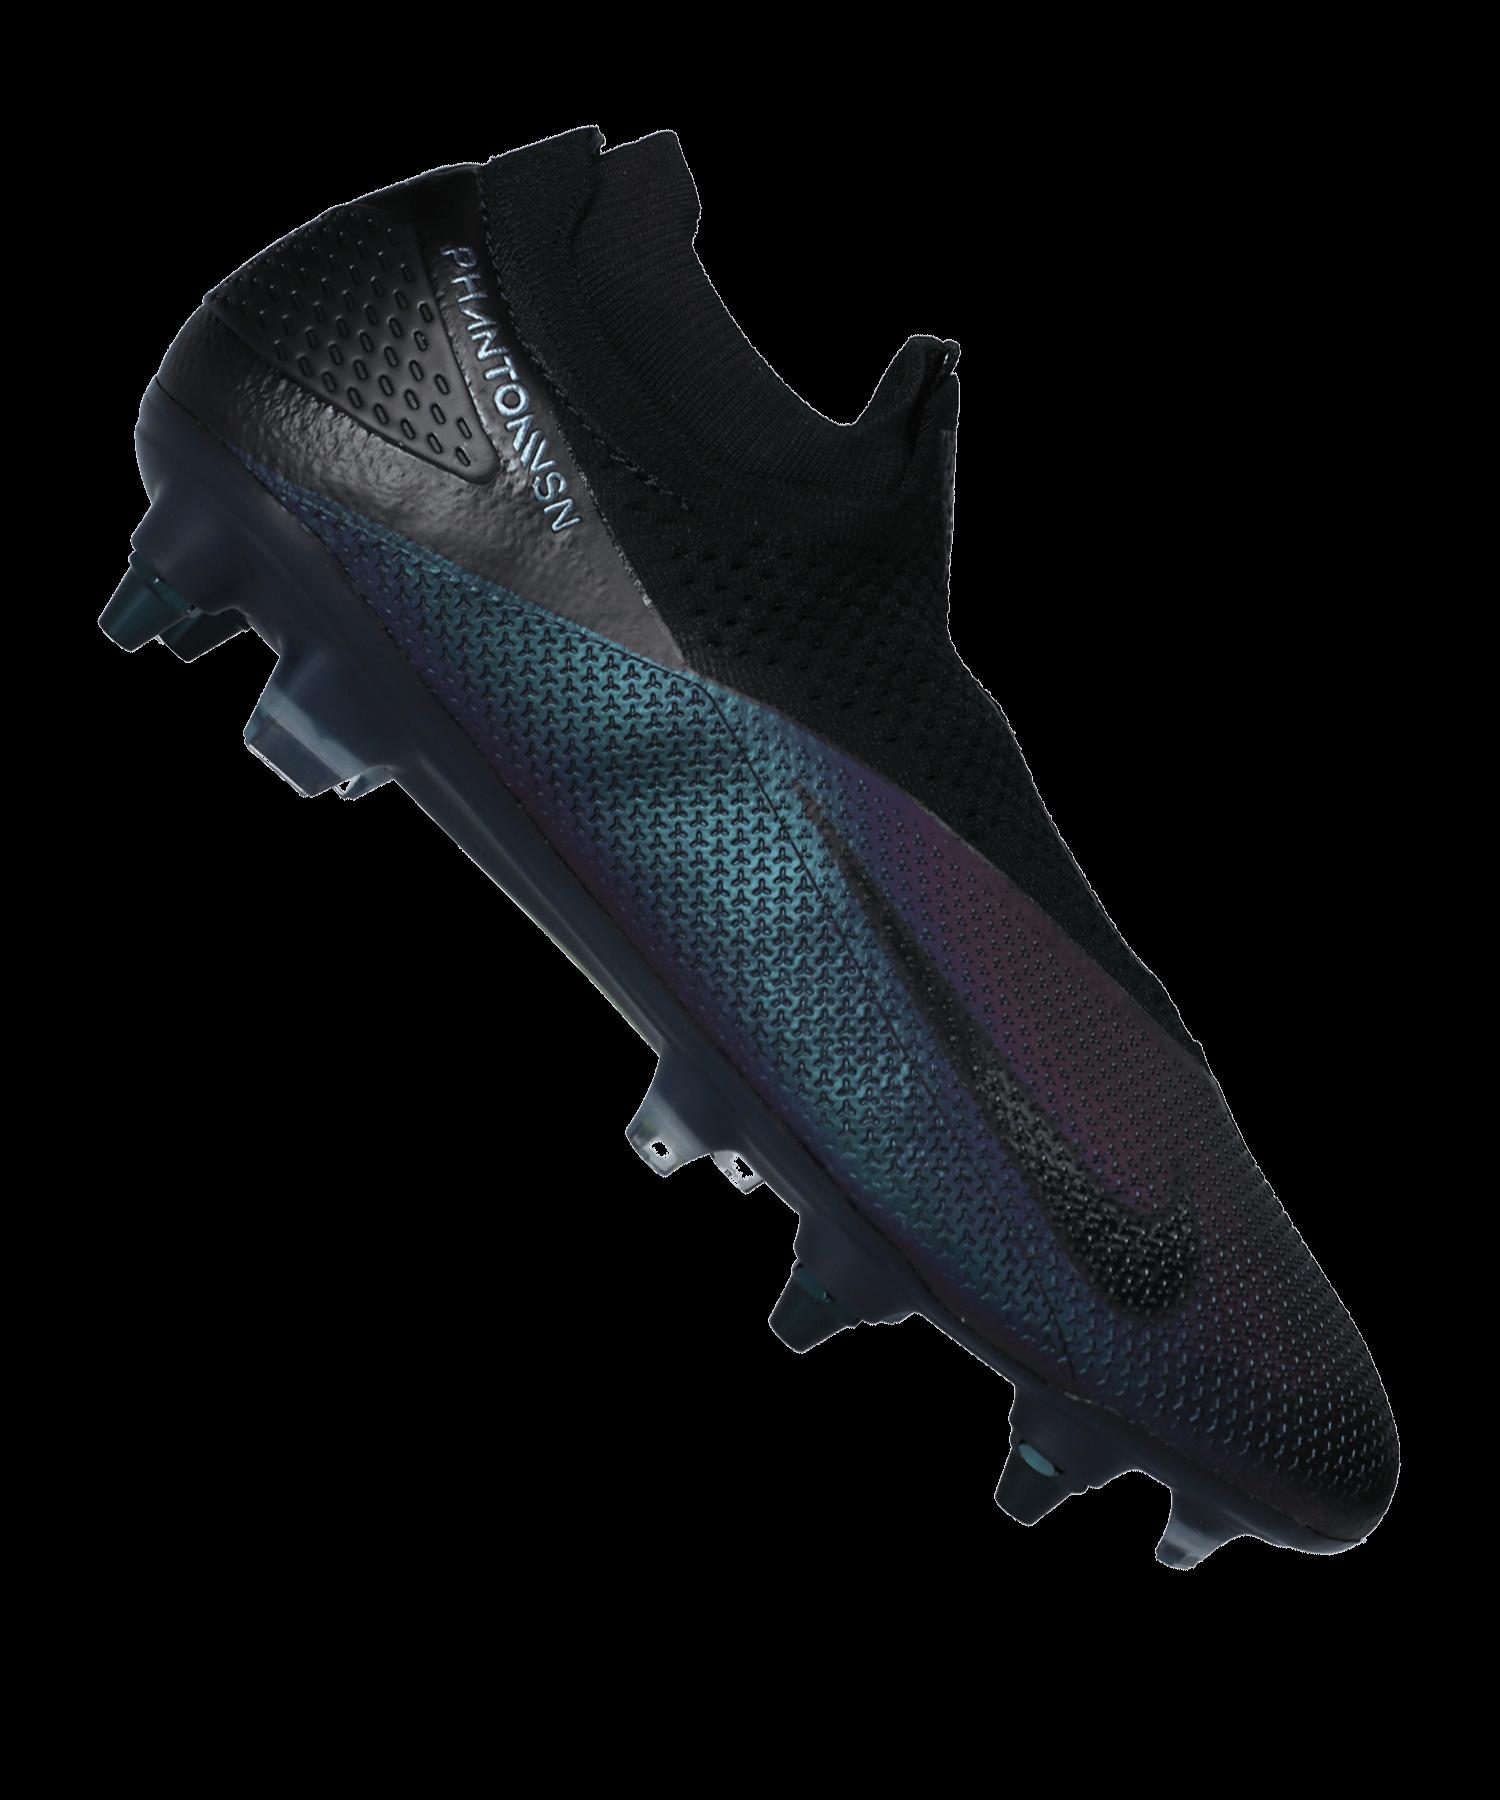 Nike Phantom Vision II Kinetic Black Elite DF SG-Pro AC